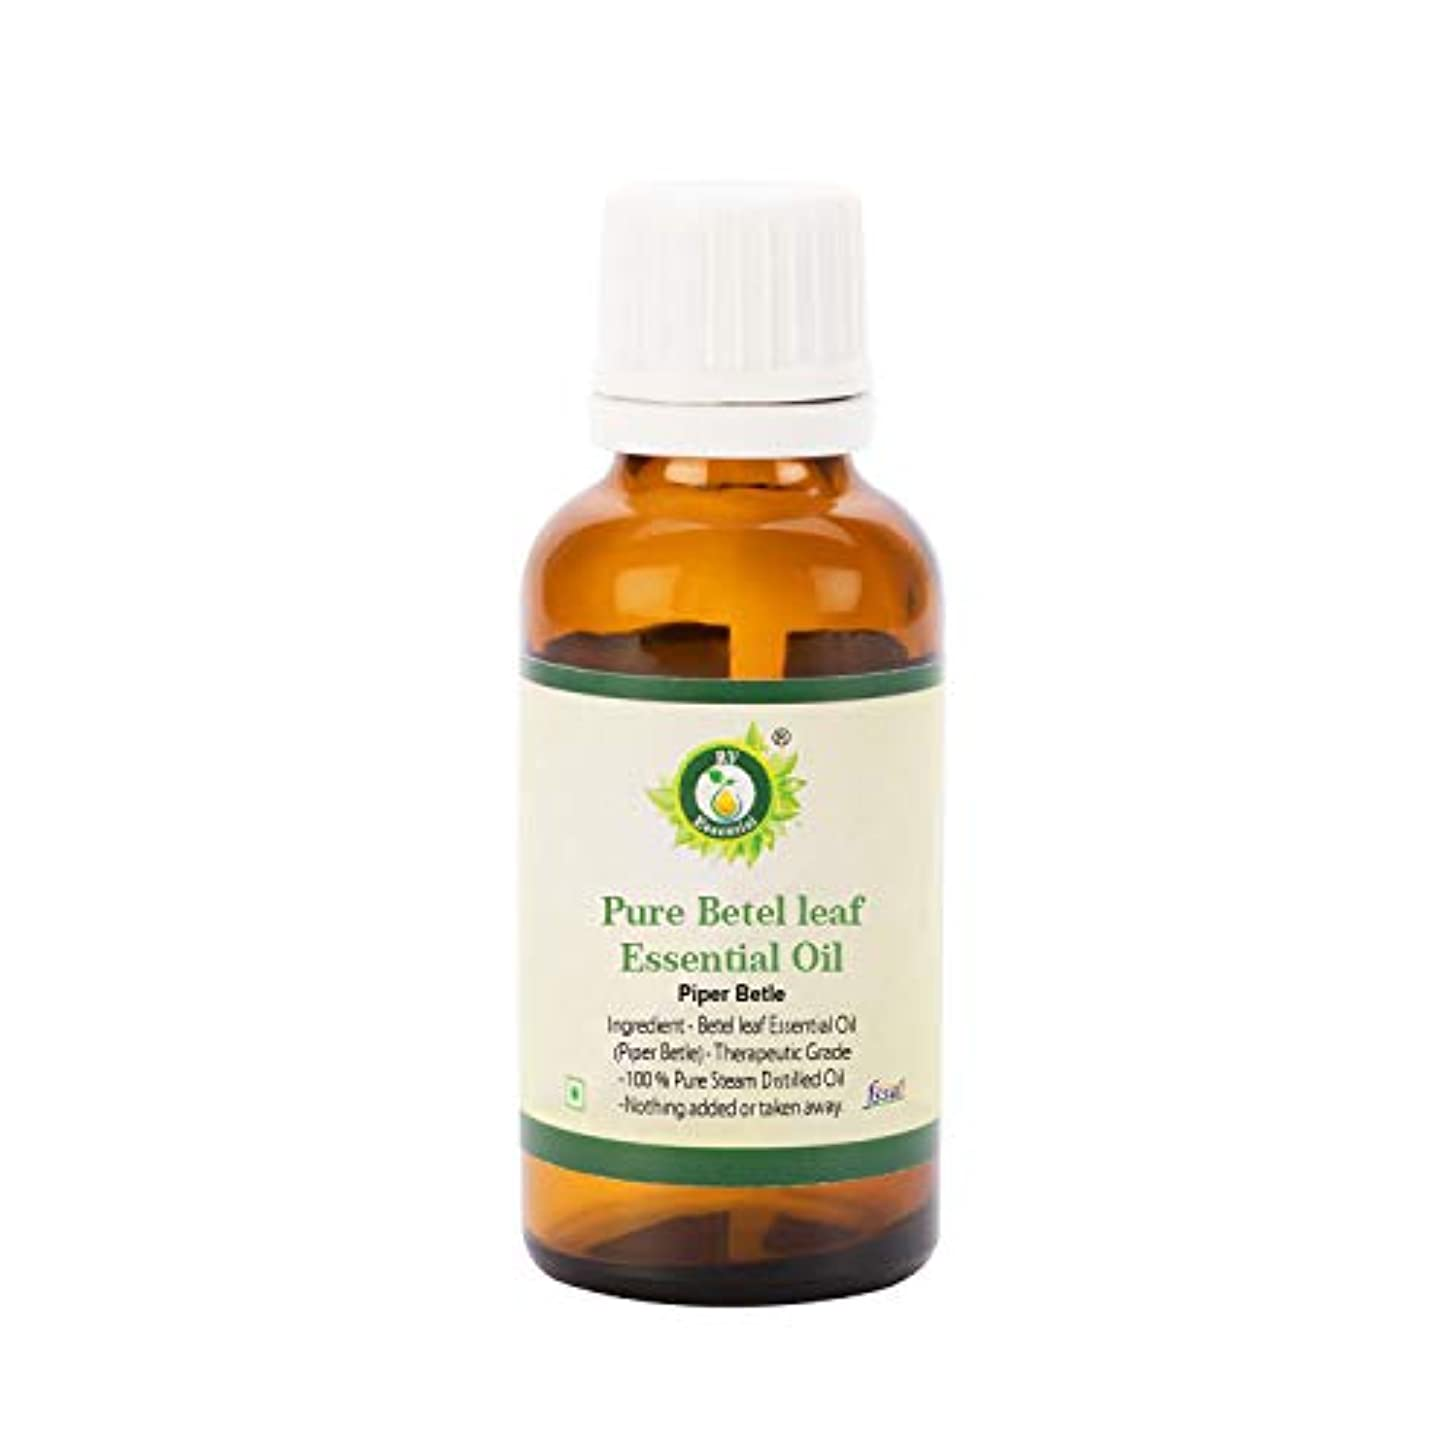 繕う絶え間ない詳細にR V Essential ピュアBetel葉エッセンシャルオイル15ml (0.507oz)- Piper Betle (100%純粋&天然スチームDistilled) Pure Betel leaf Essential...